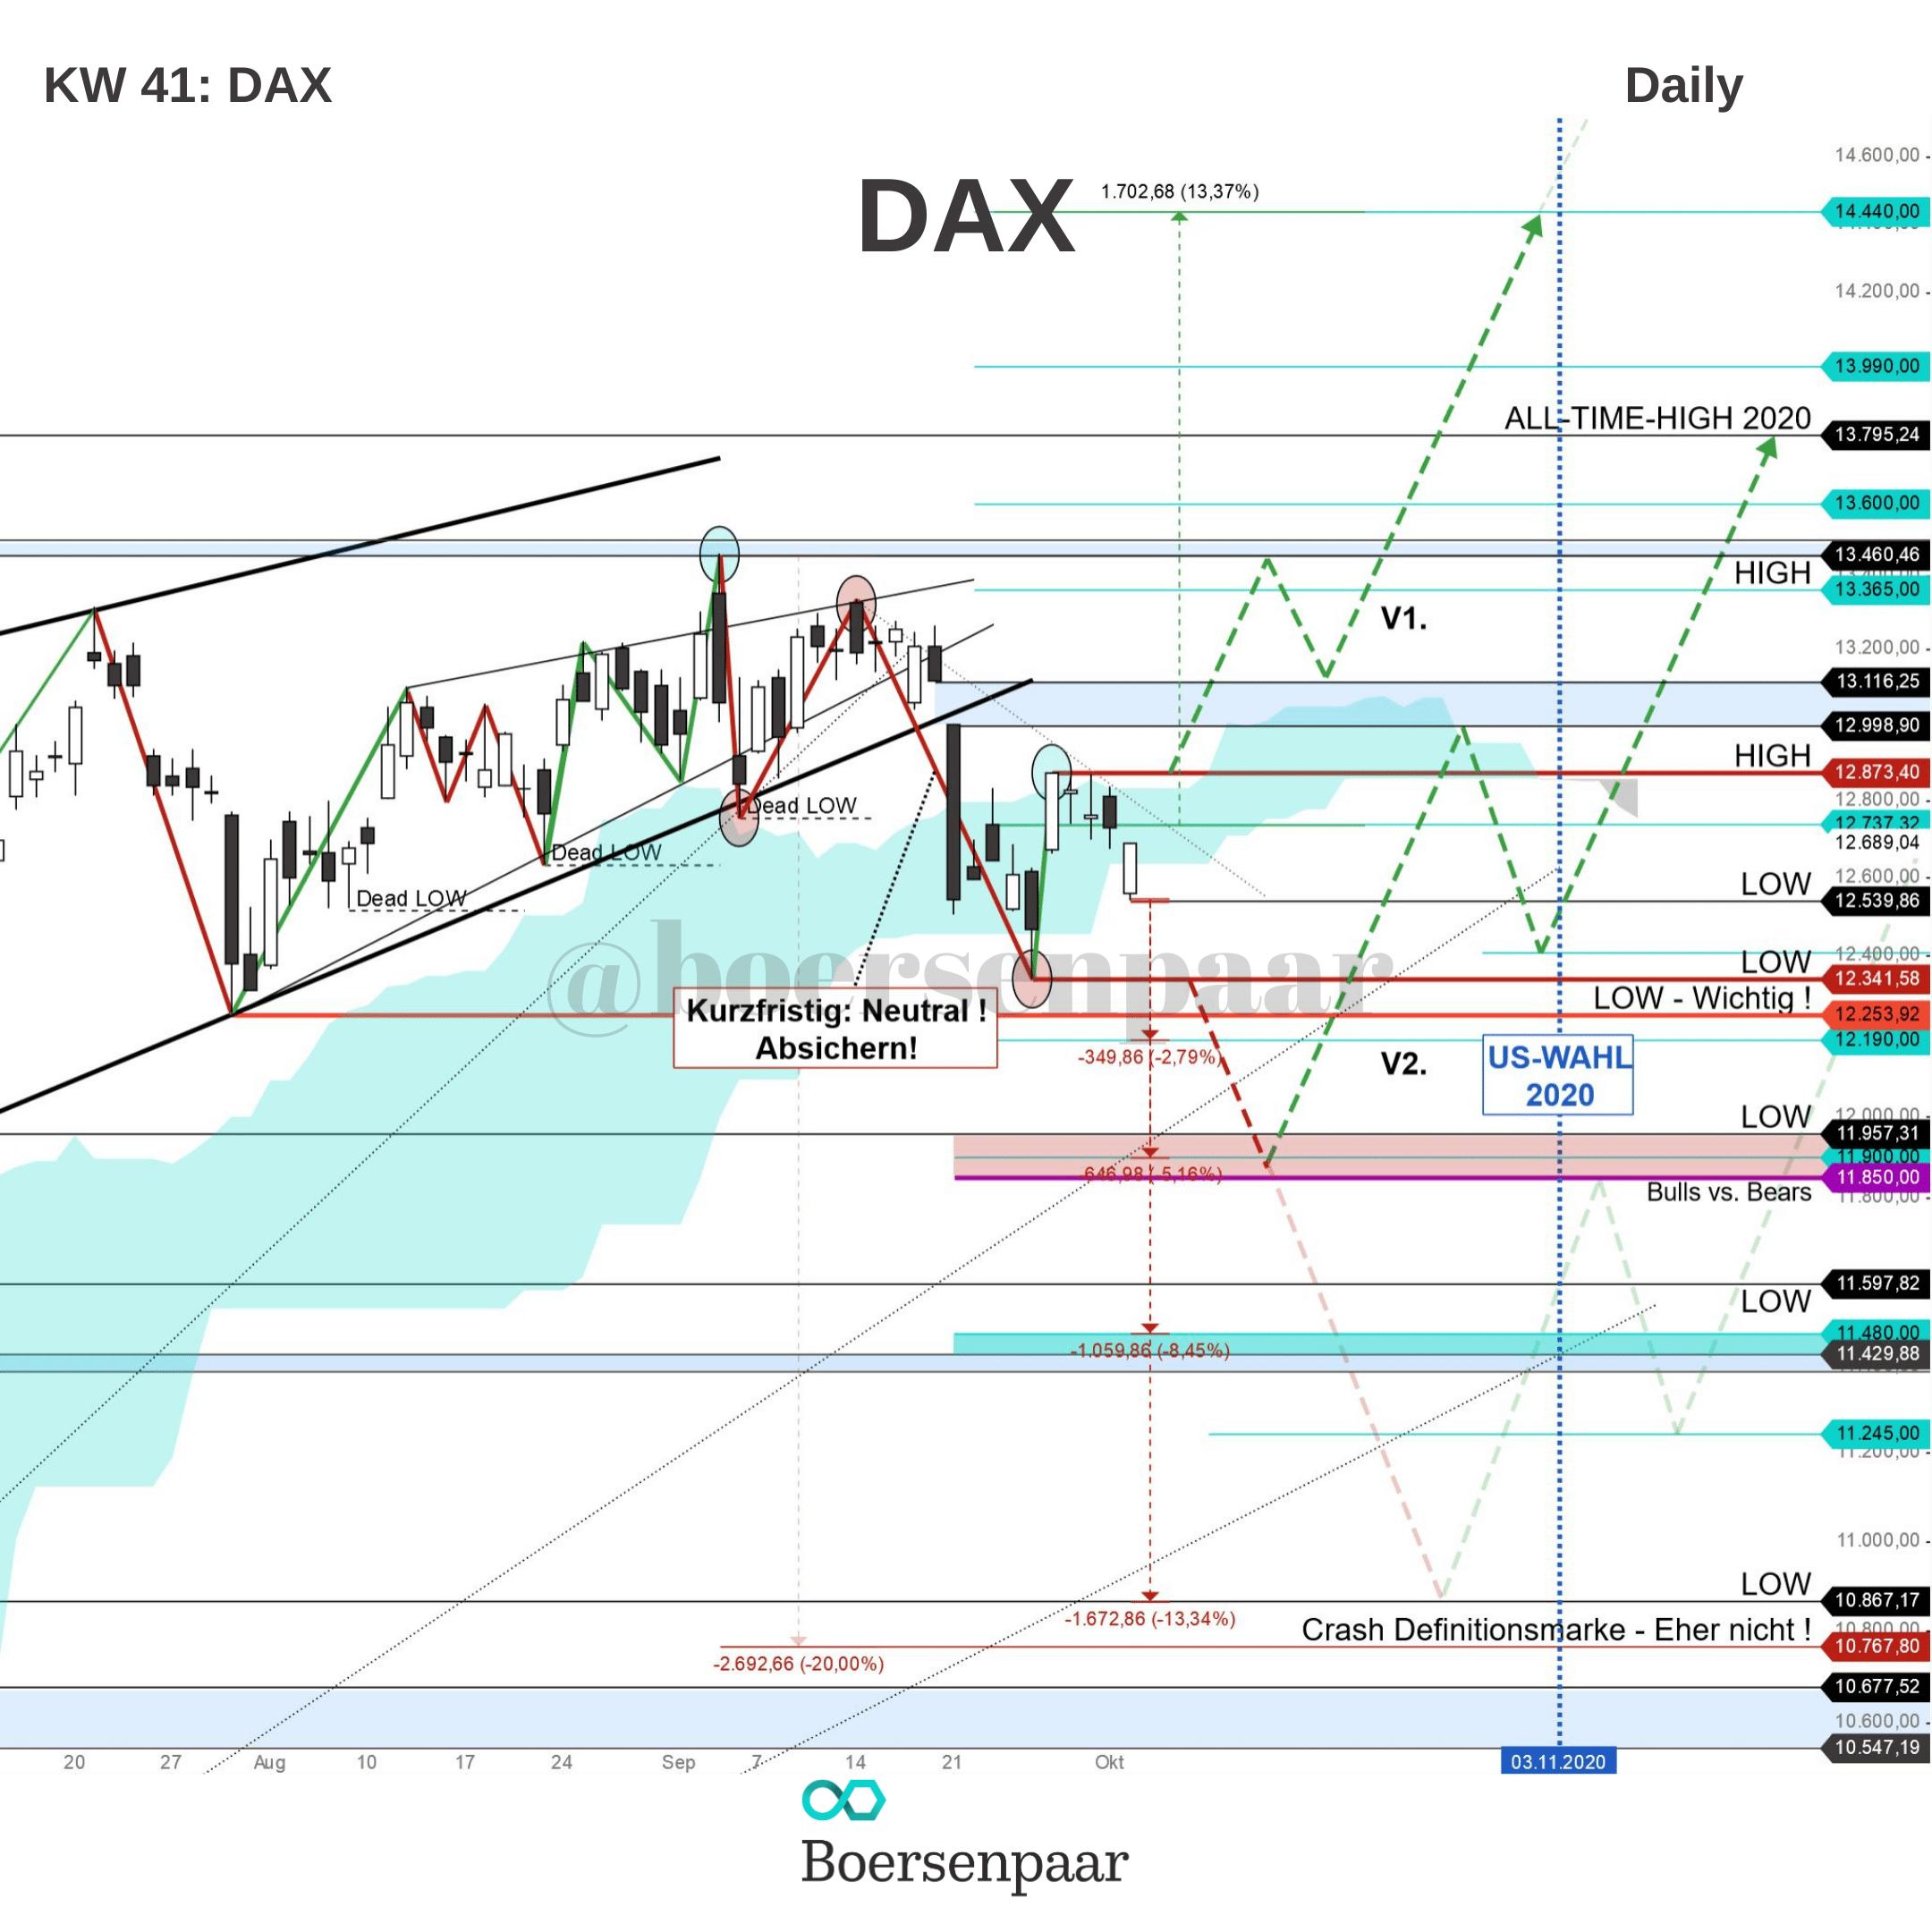 DAX Analyse - KW 41